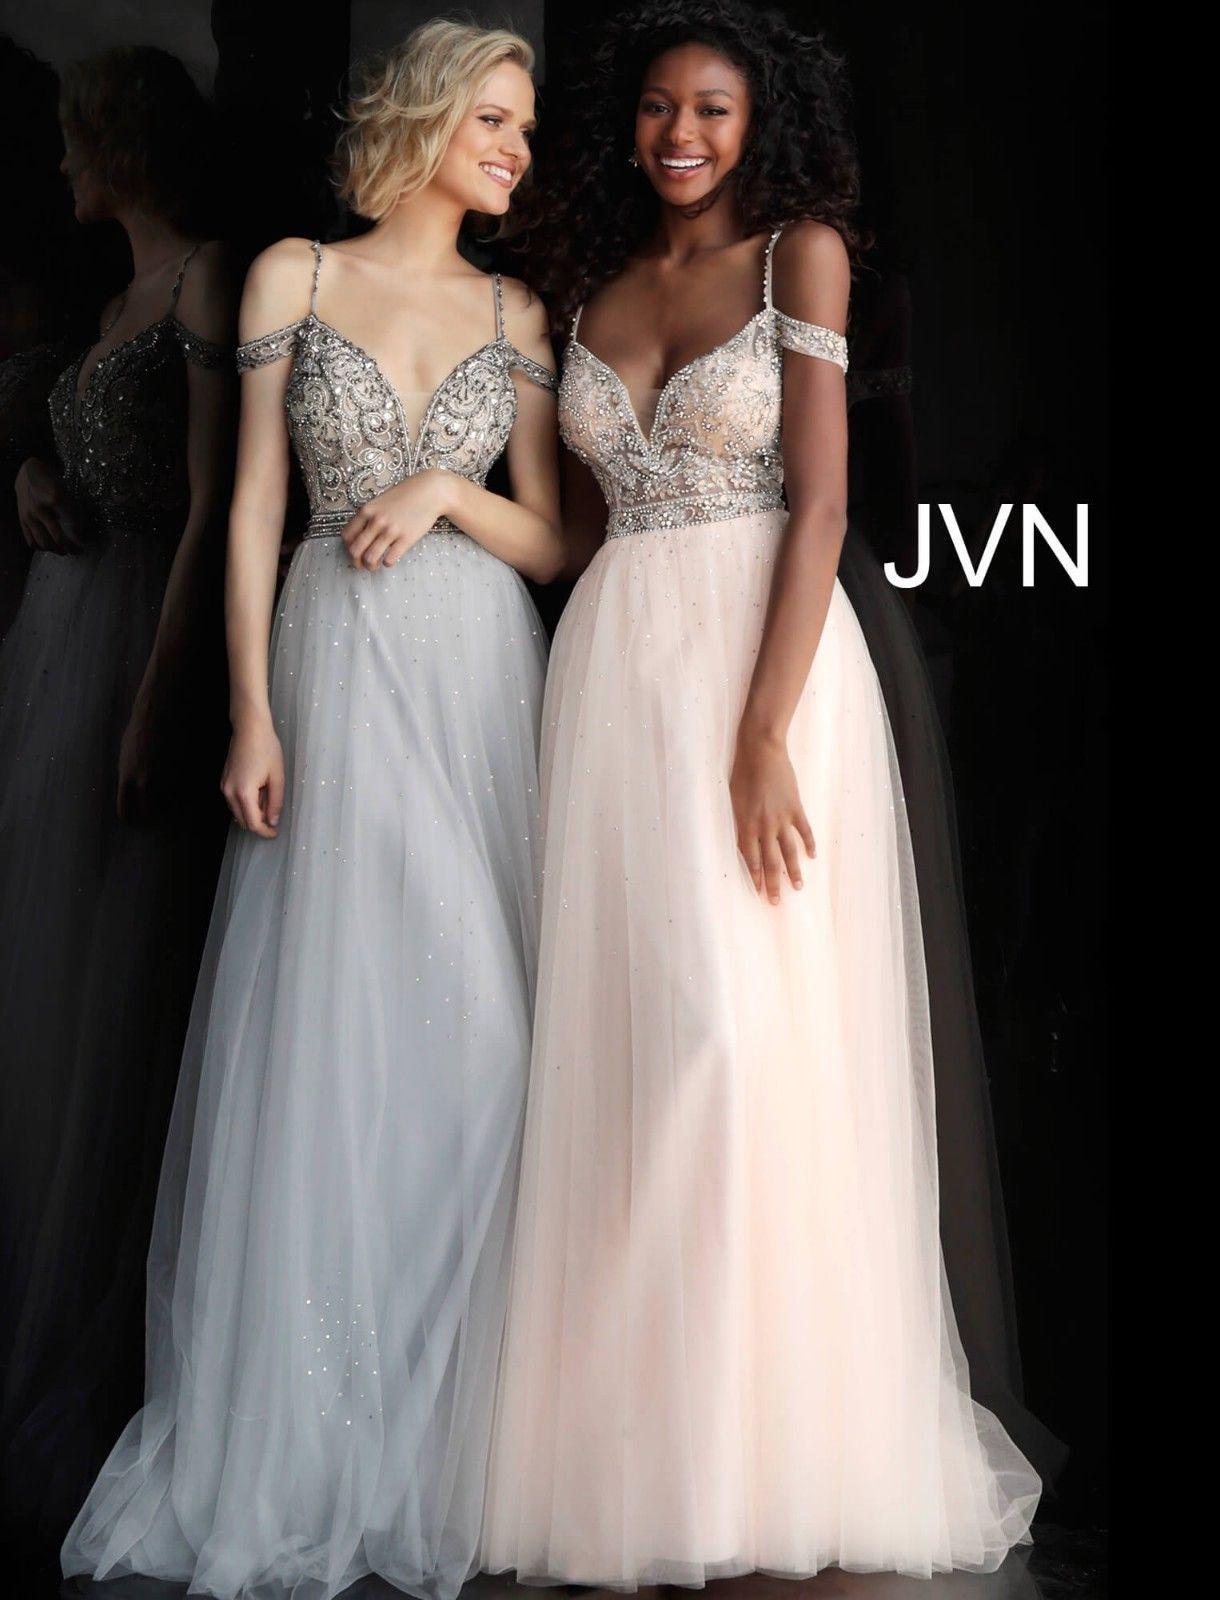 Einzigartig Abendkleider Jovani GalerieDesigner Luxurius Abendkleider Jovani Bester Preis